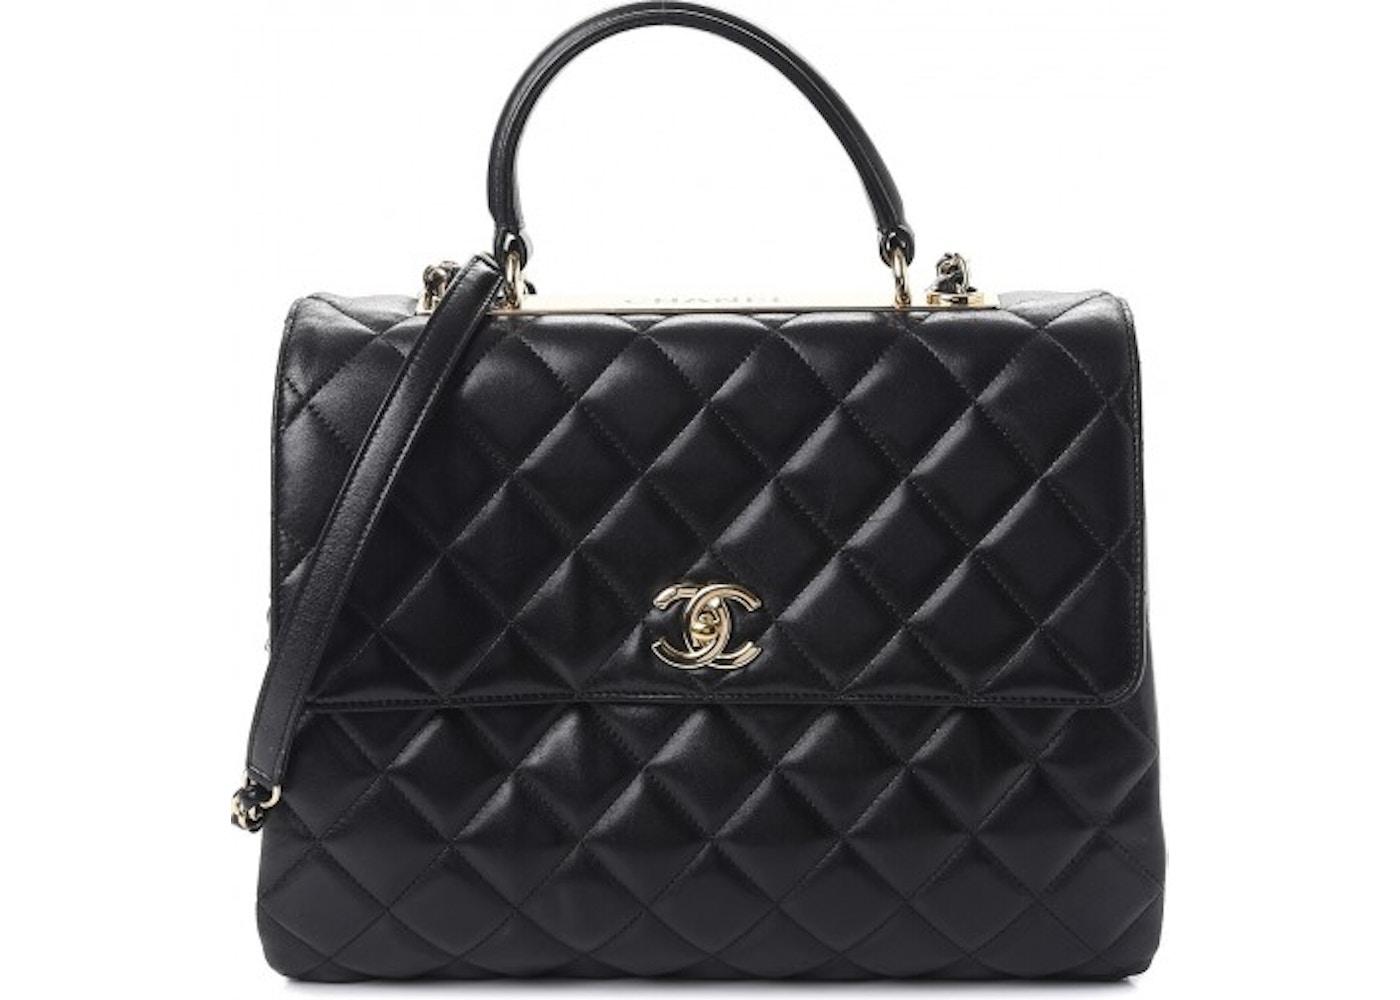 de9e90049829 Chanel Flap Trendy CC Quilted Large Black